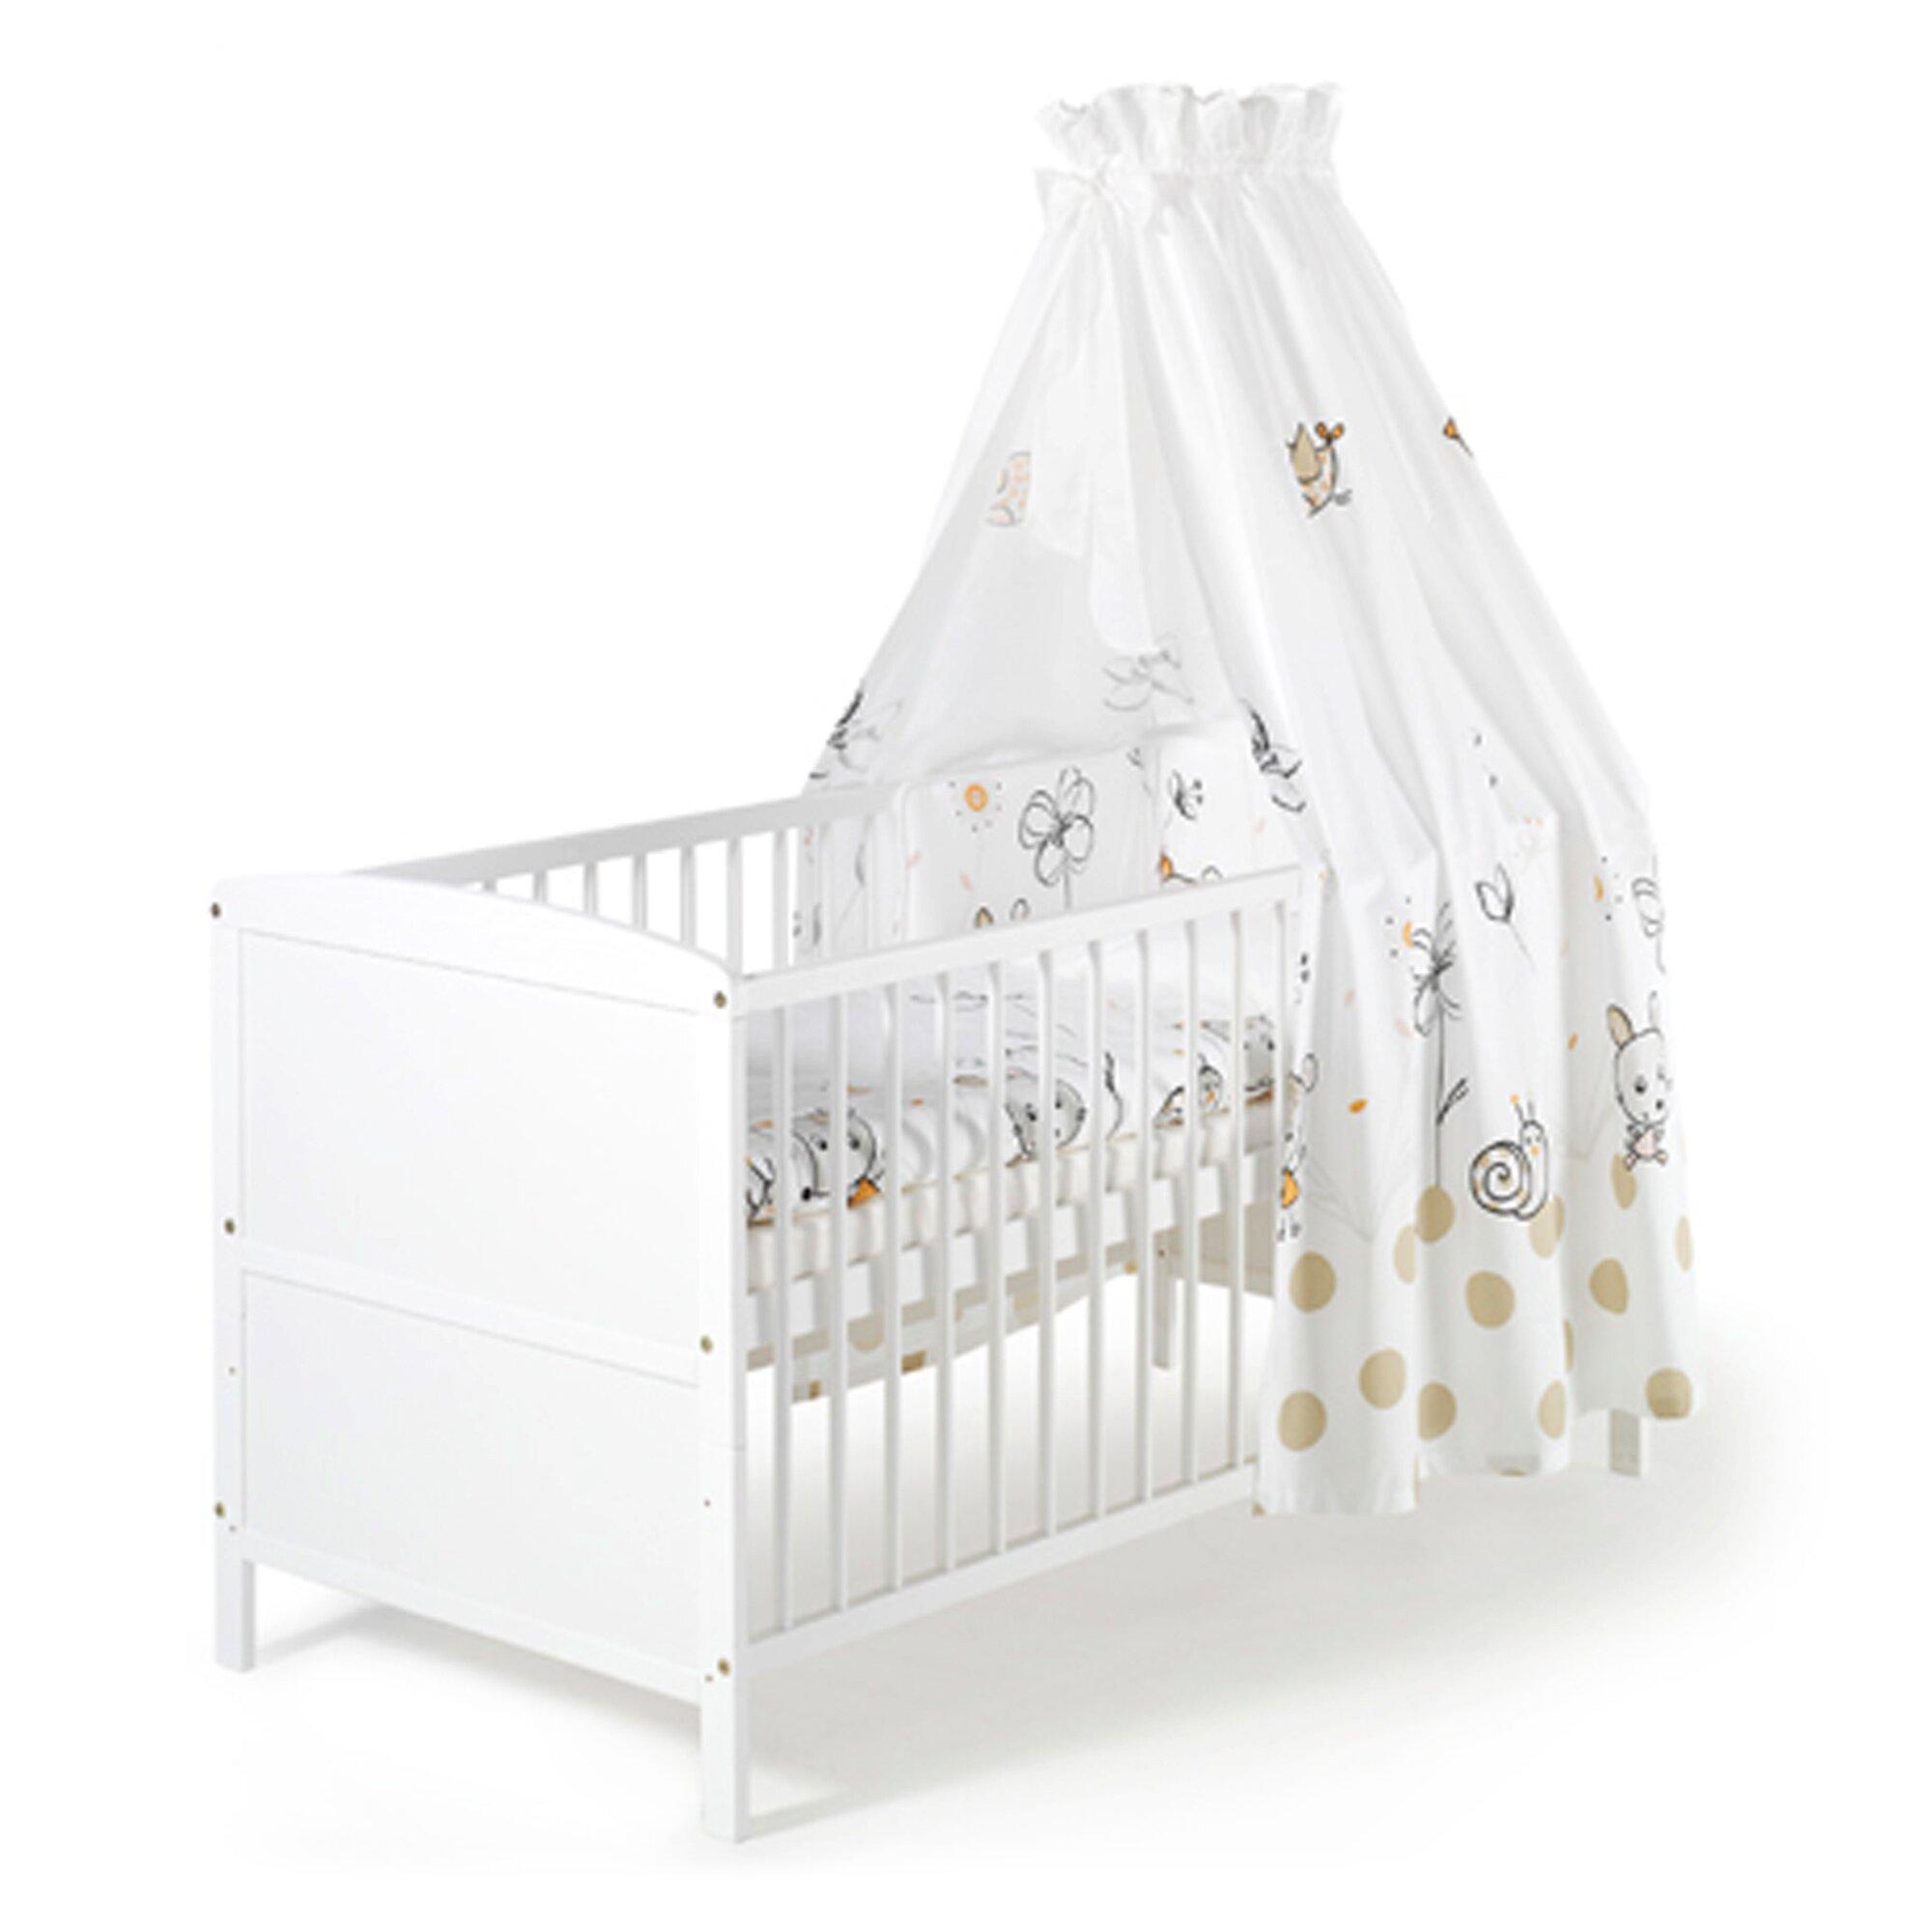 Babybett mit Ausstattung Conny 70x140 cm